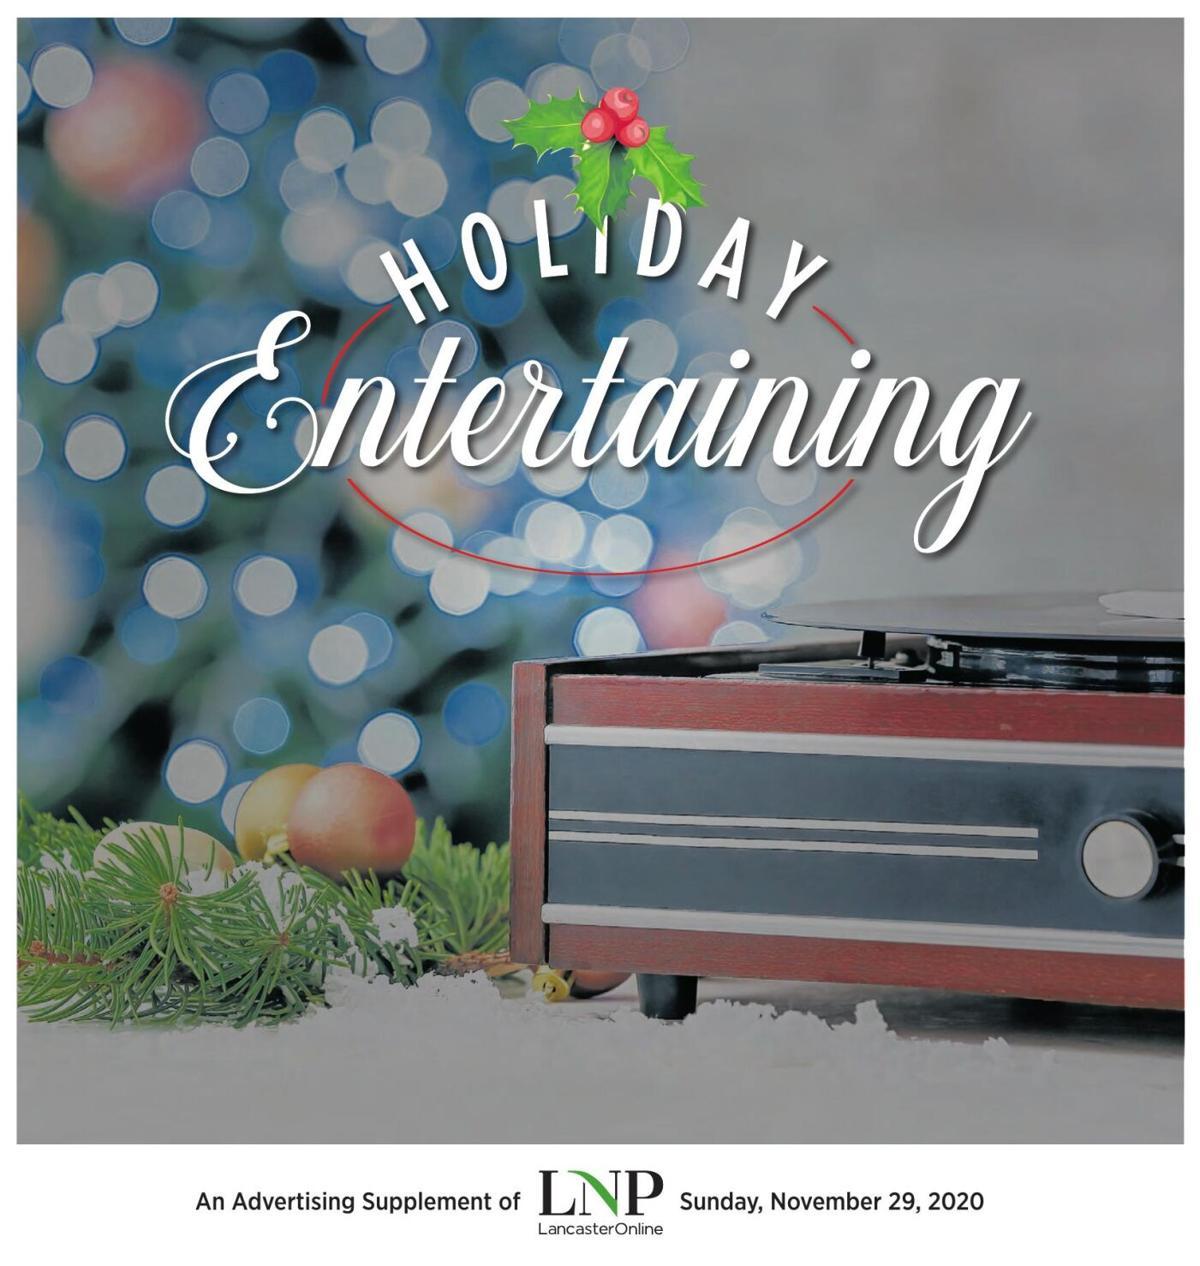 Holiday Entertaining 2020